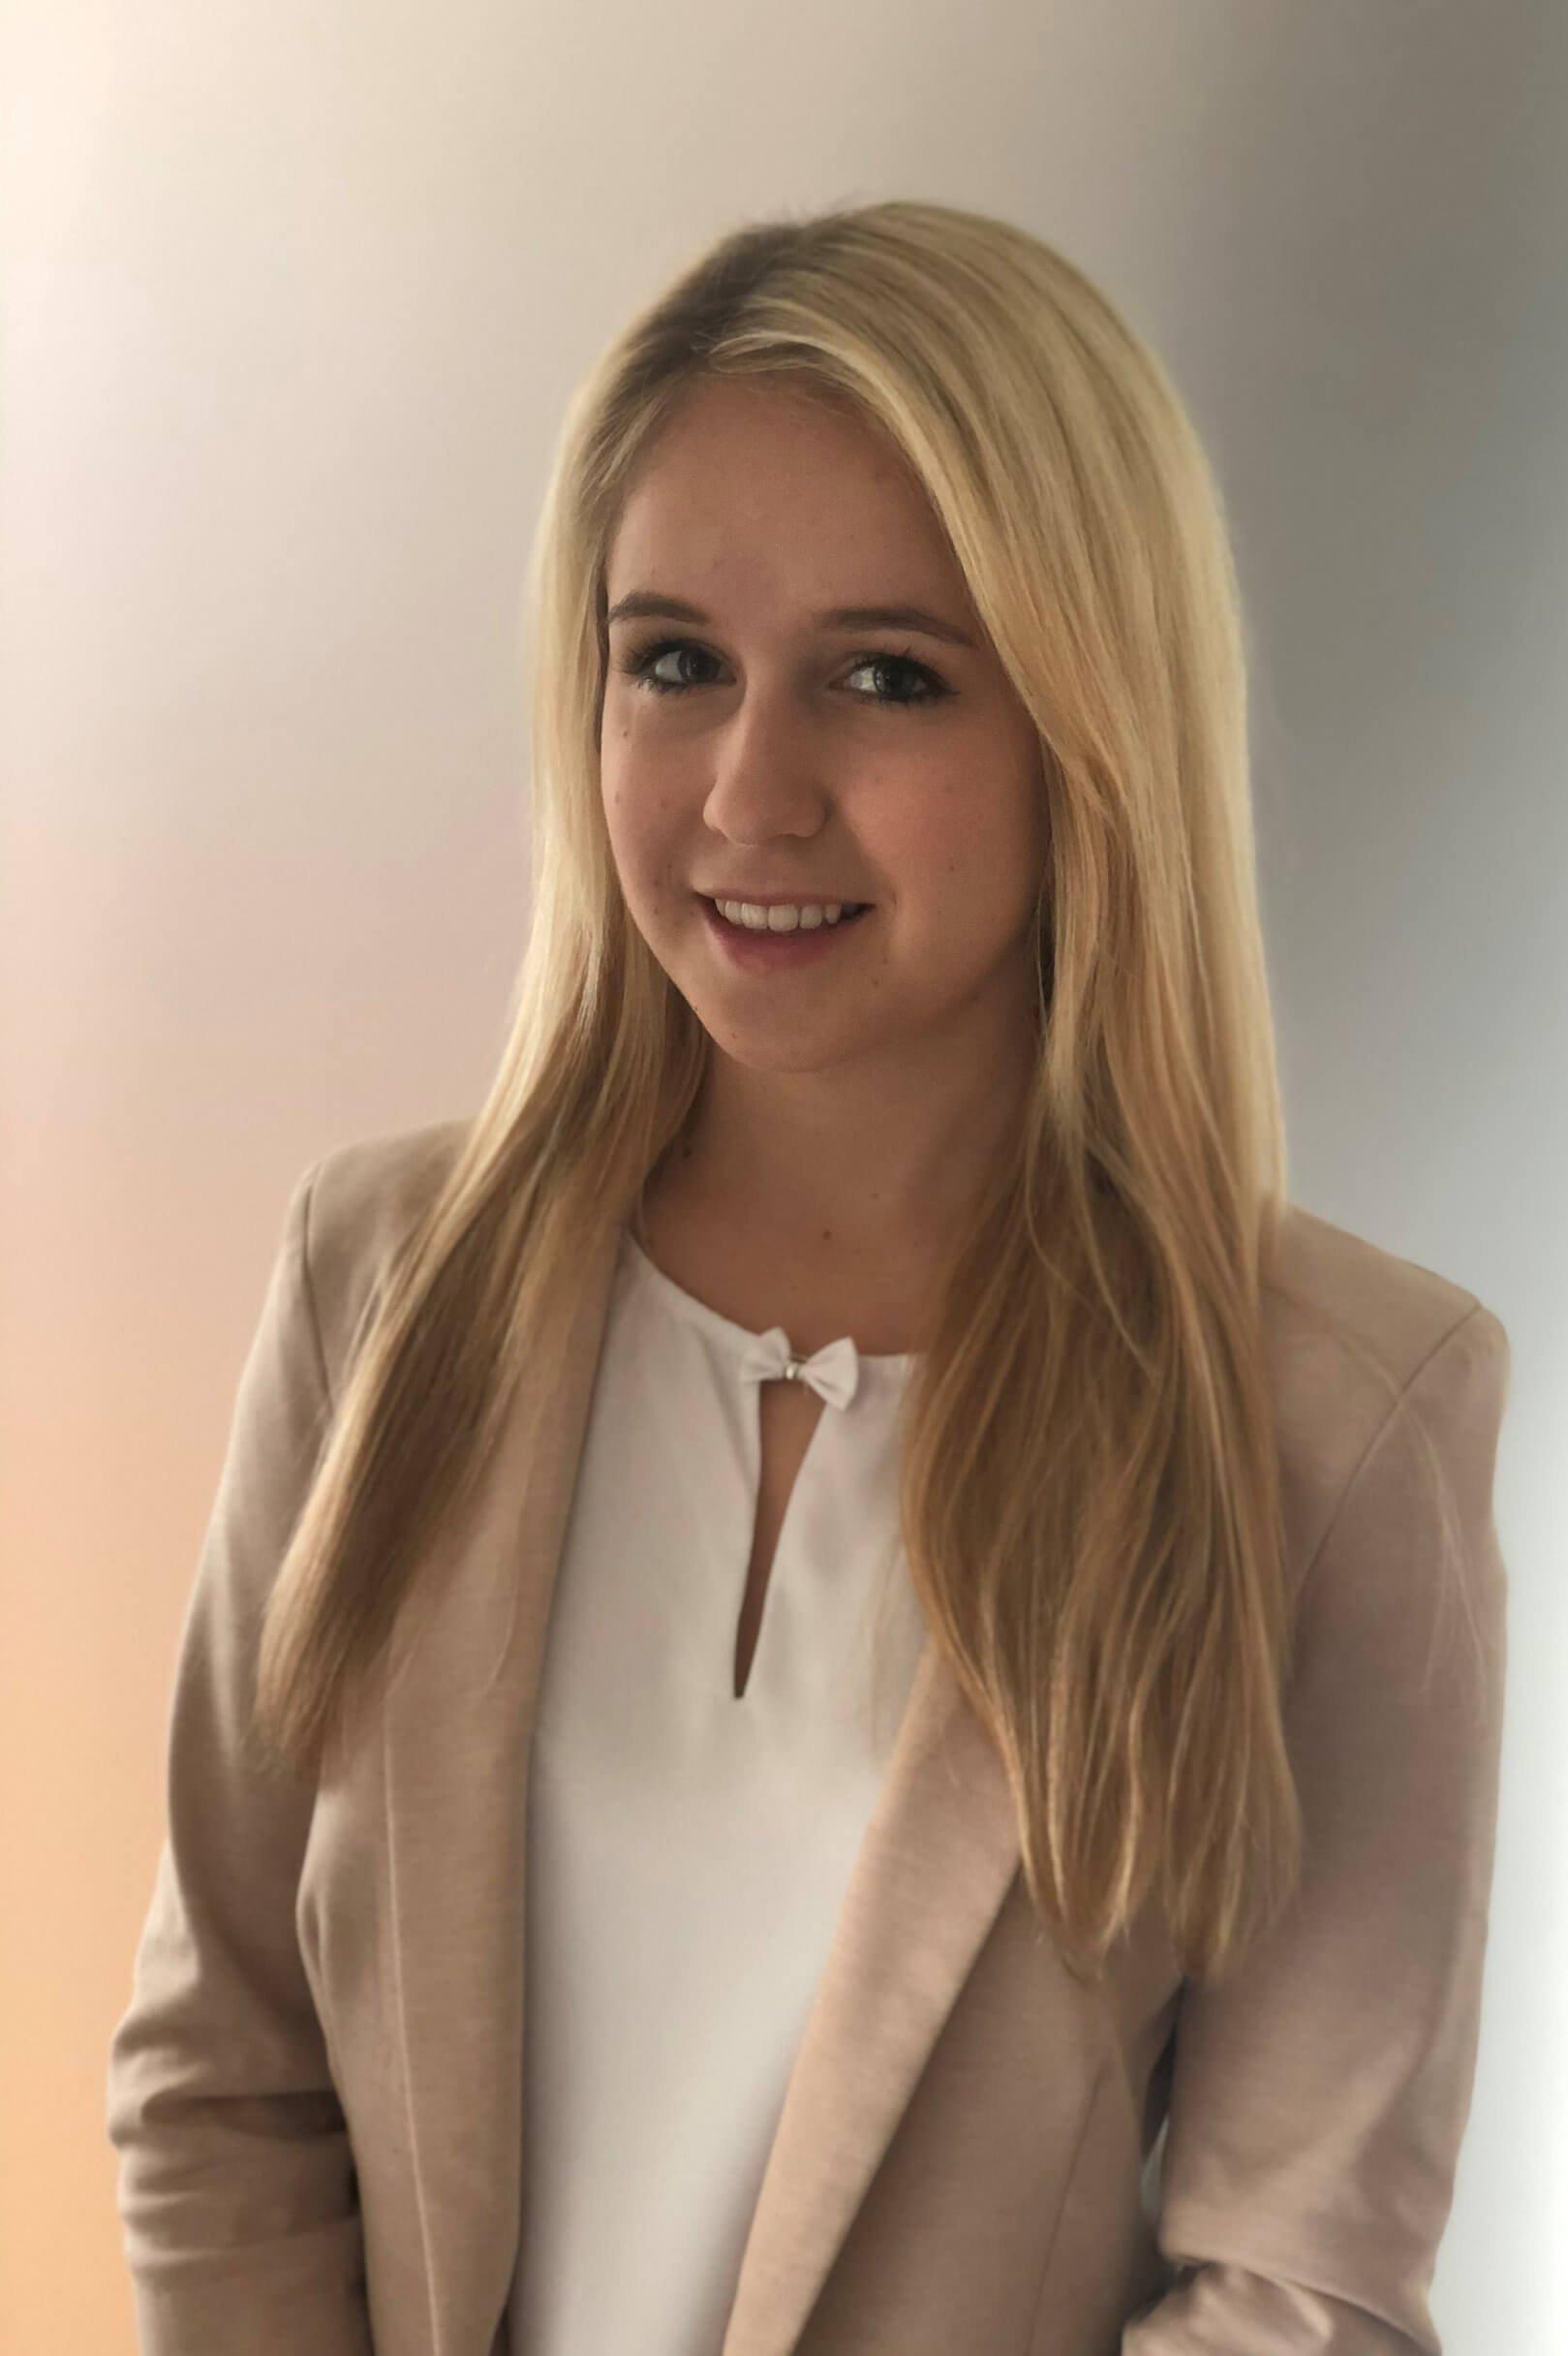 Mag. Michelle Sauerschnig